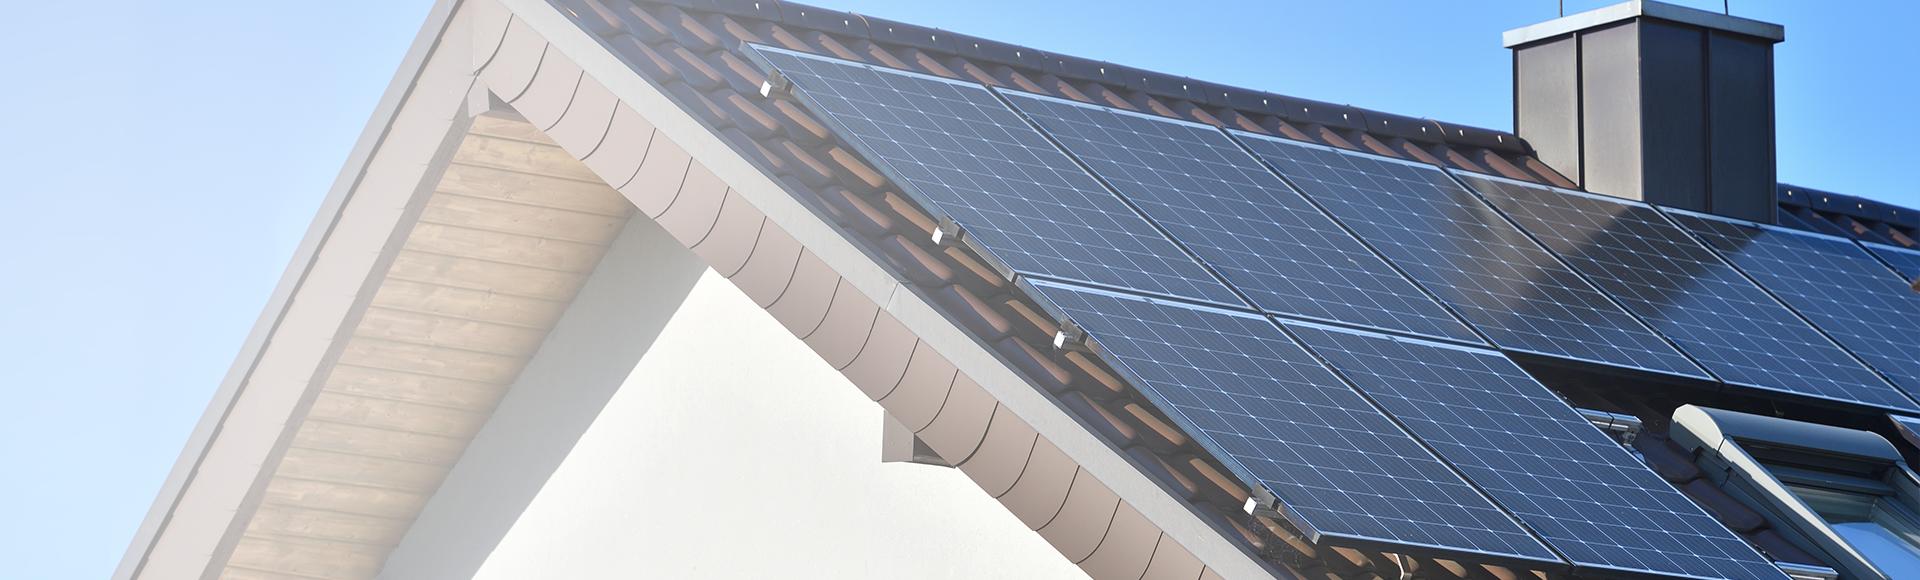 headerbild dach mit solarplatten